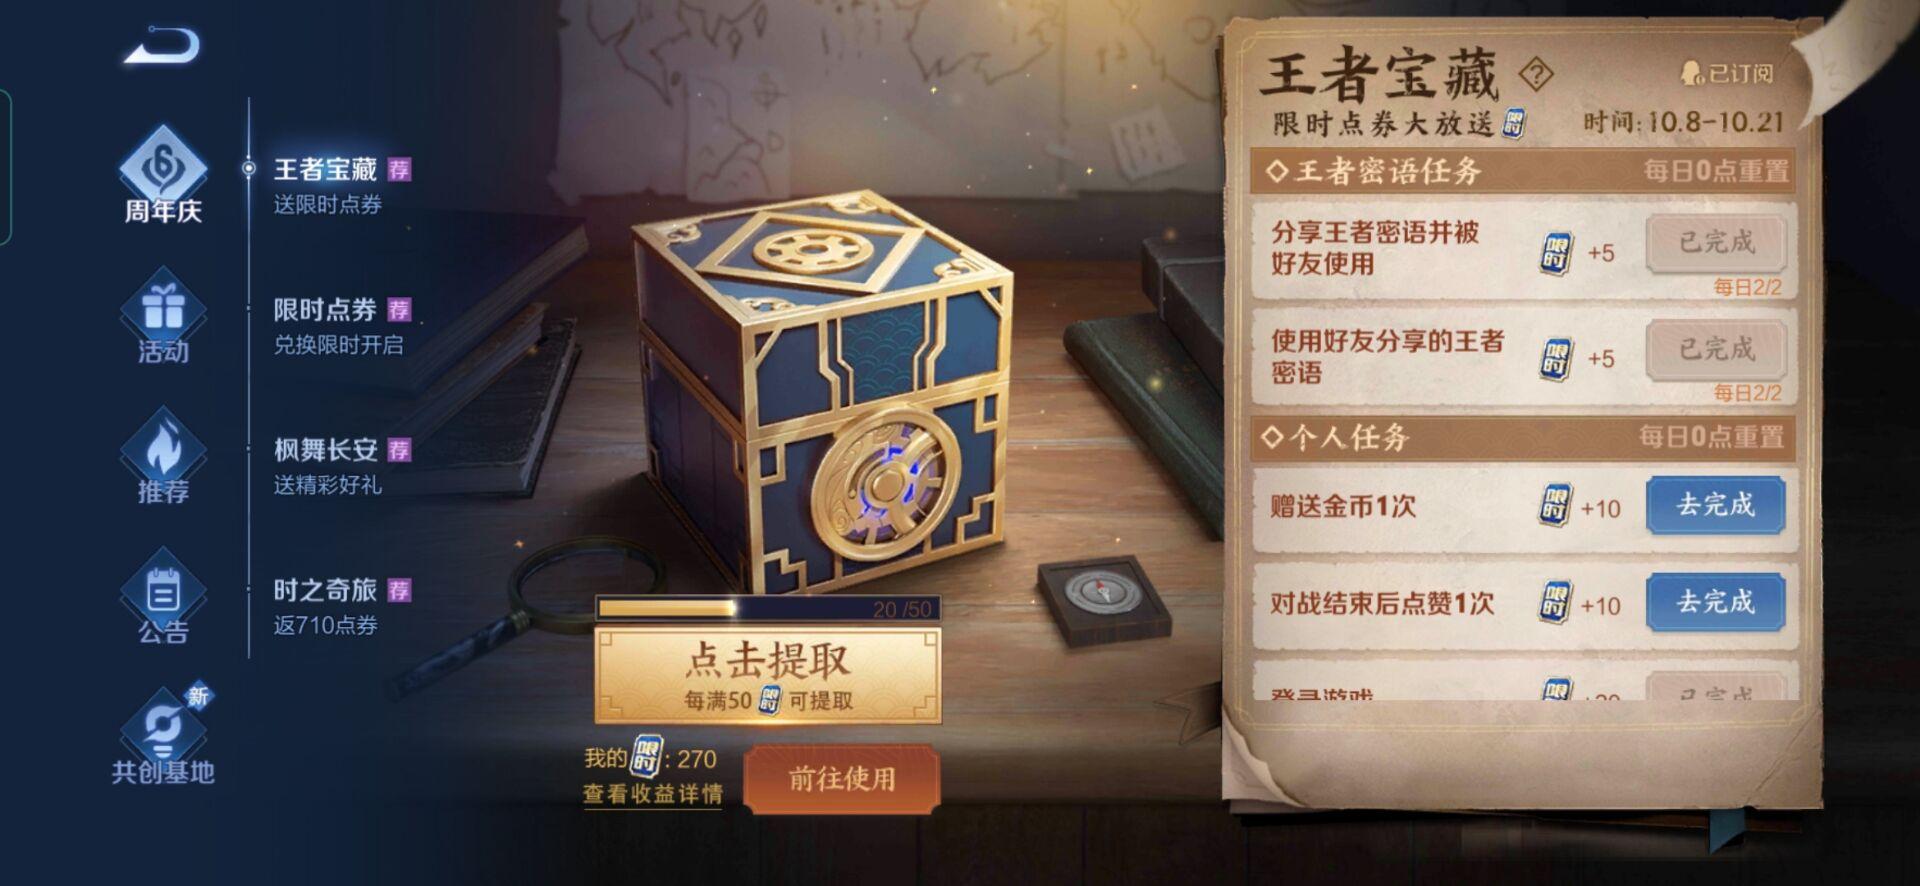 《王者荣耀》赠送金币一次任务无法完成解决方法